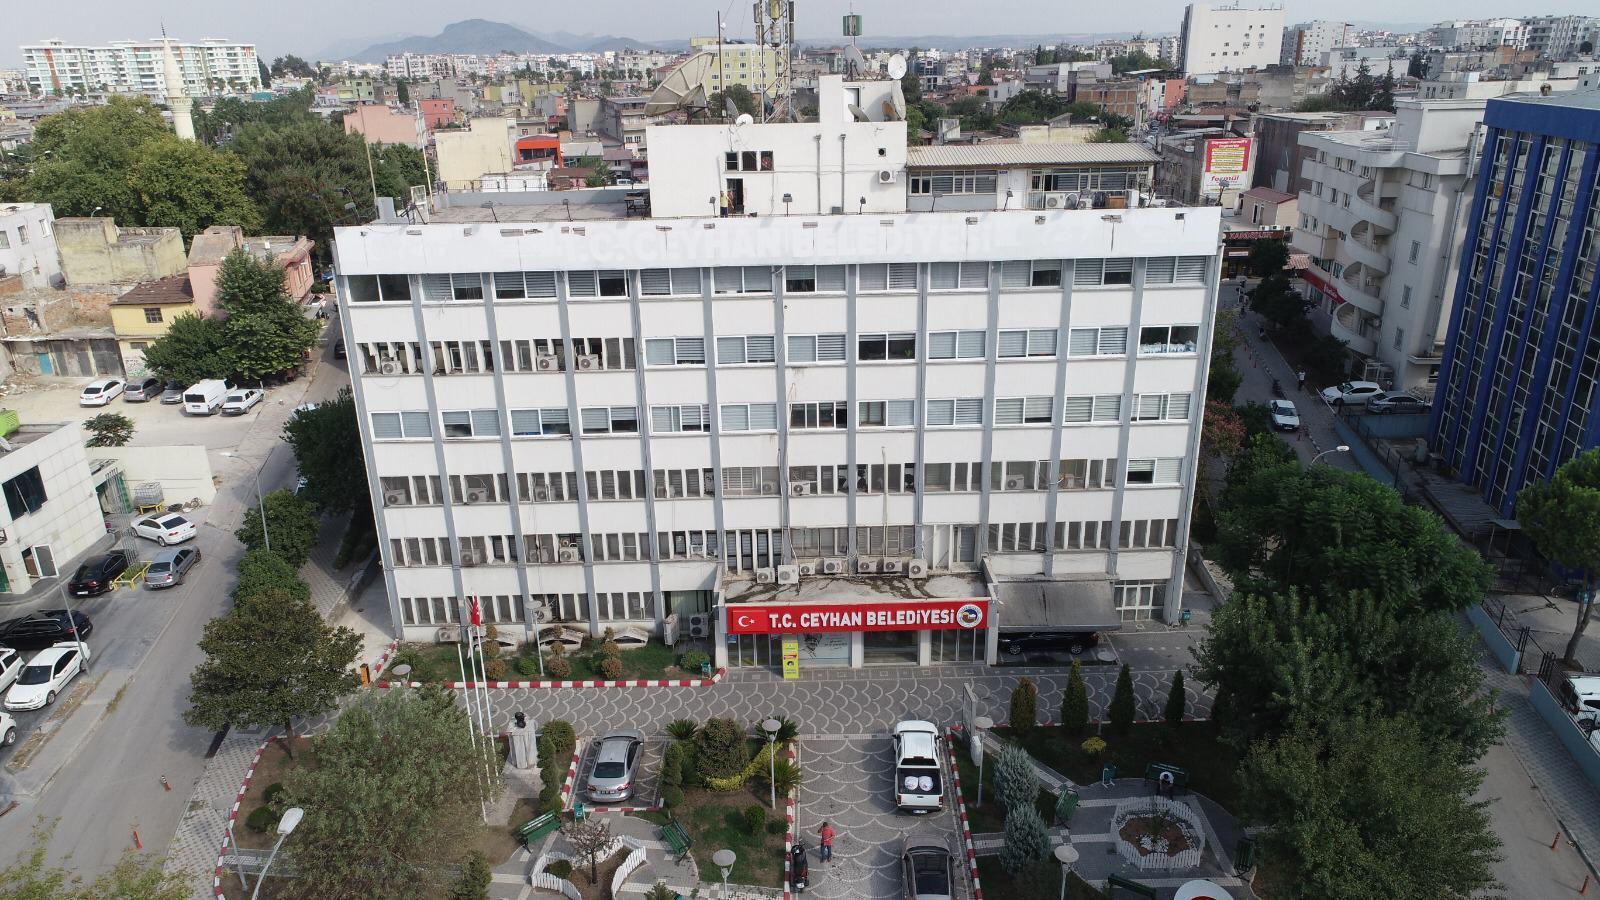 Ceyhan Belediye Binası